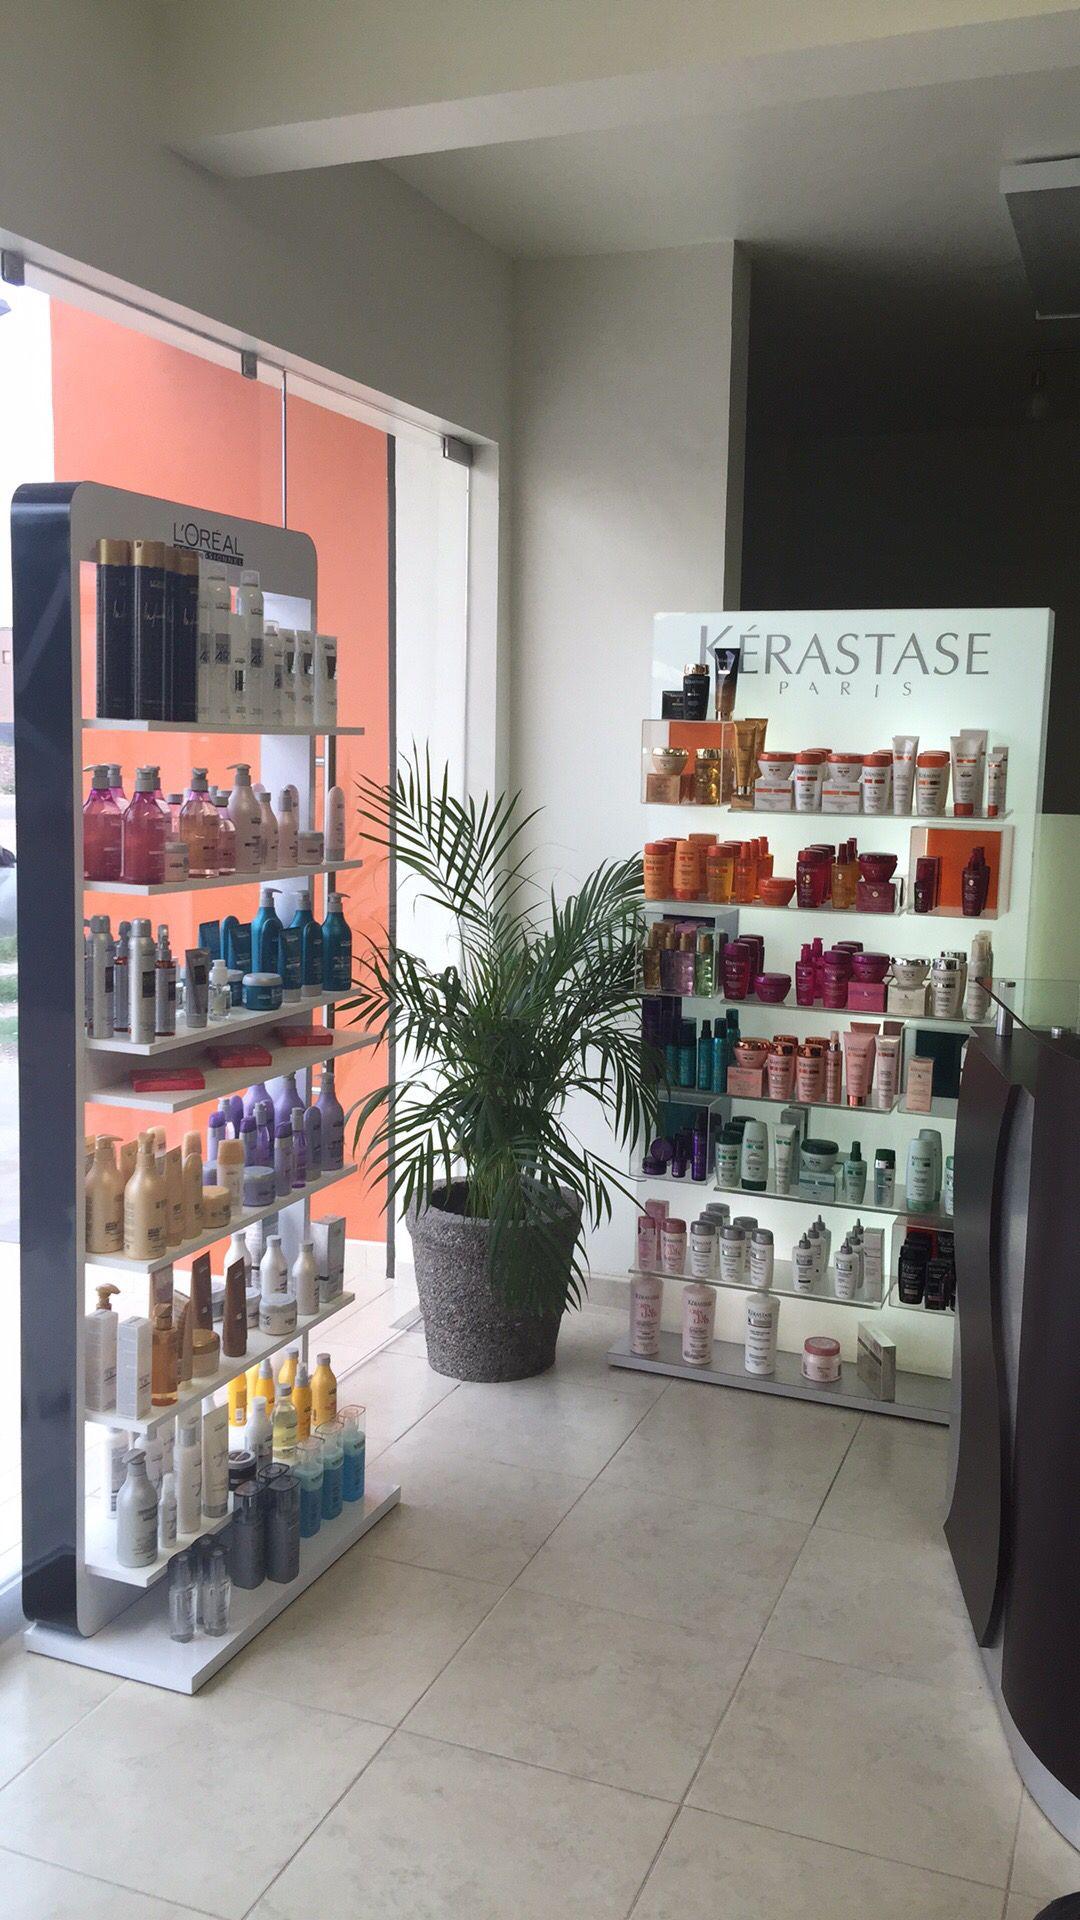 Los mejores productos para el cabello L'oreal y Kerastase